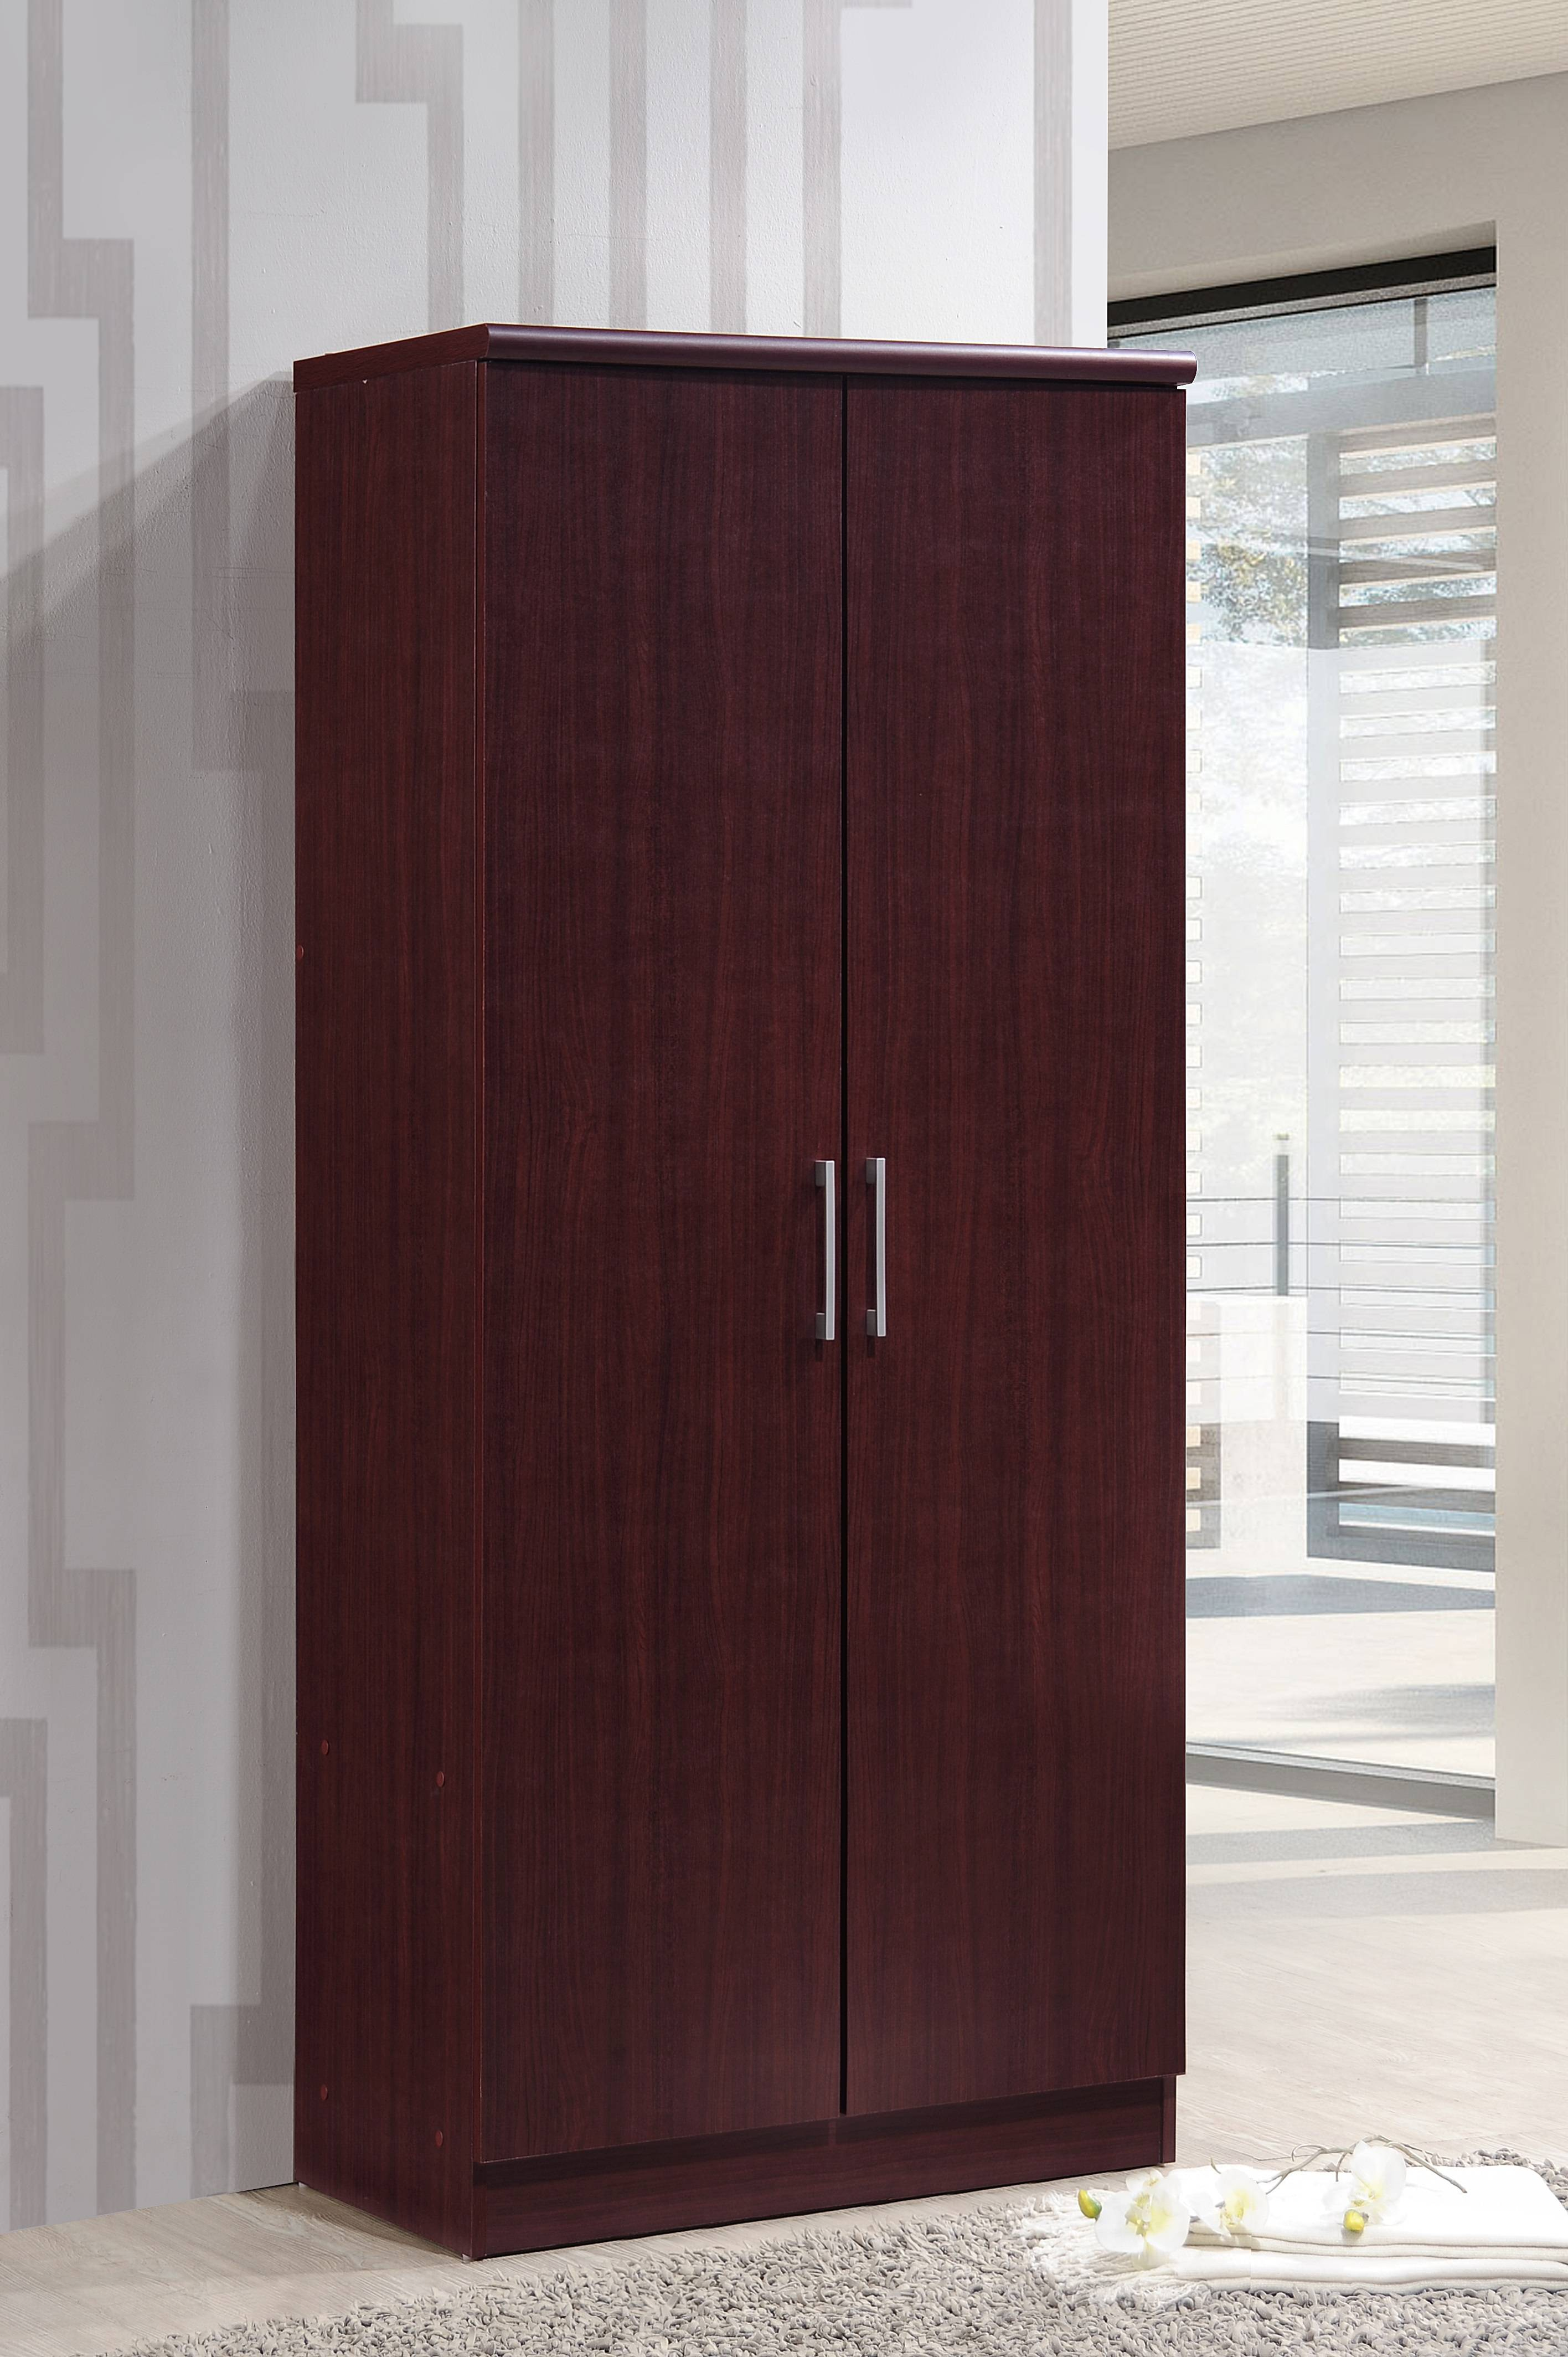 hodedah 2 door wardrobe with 4 shelves mahogany